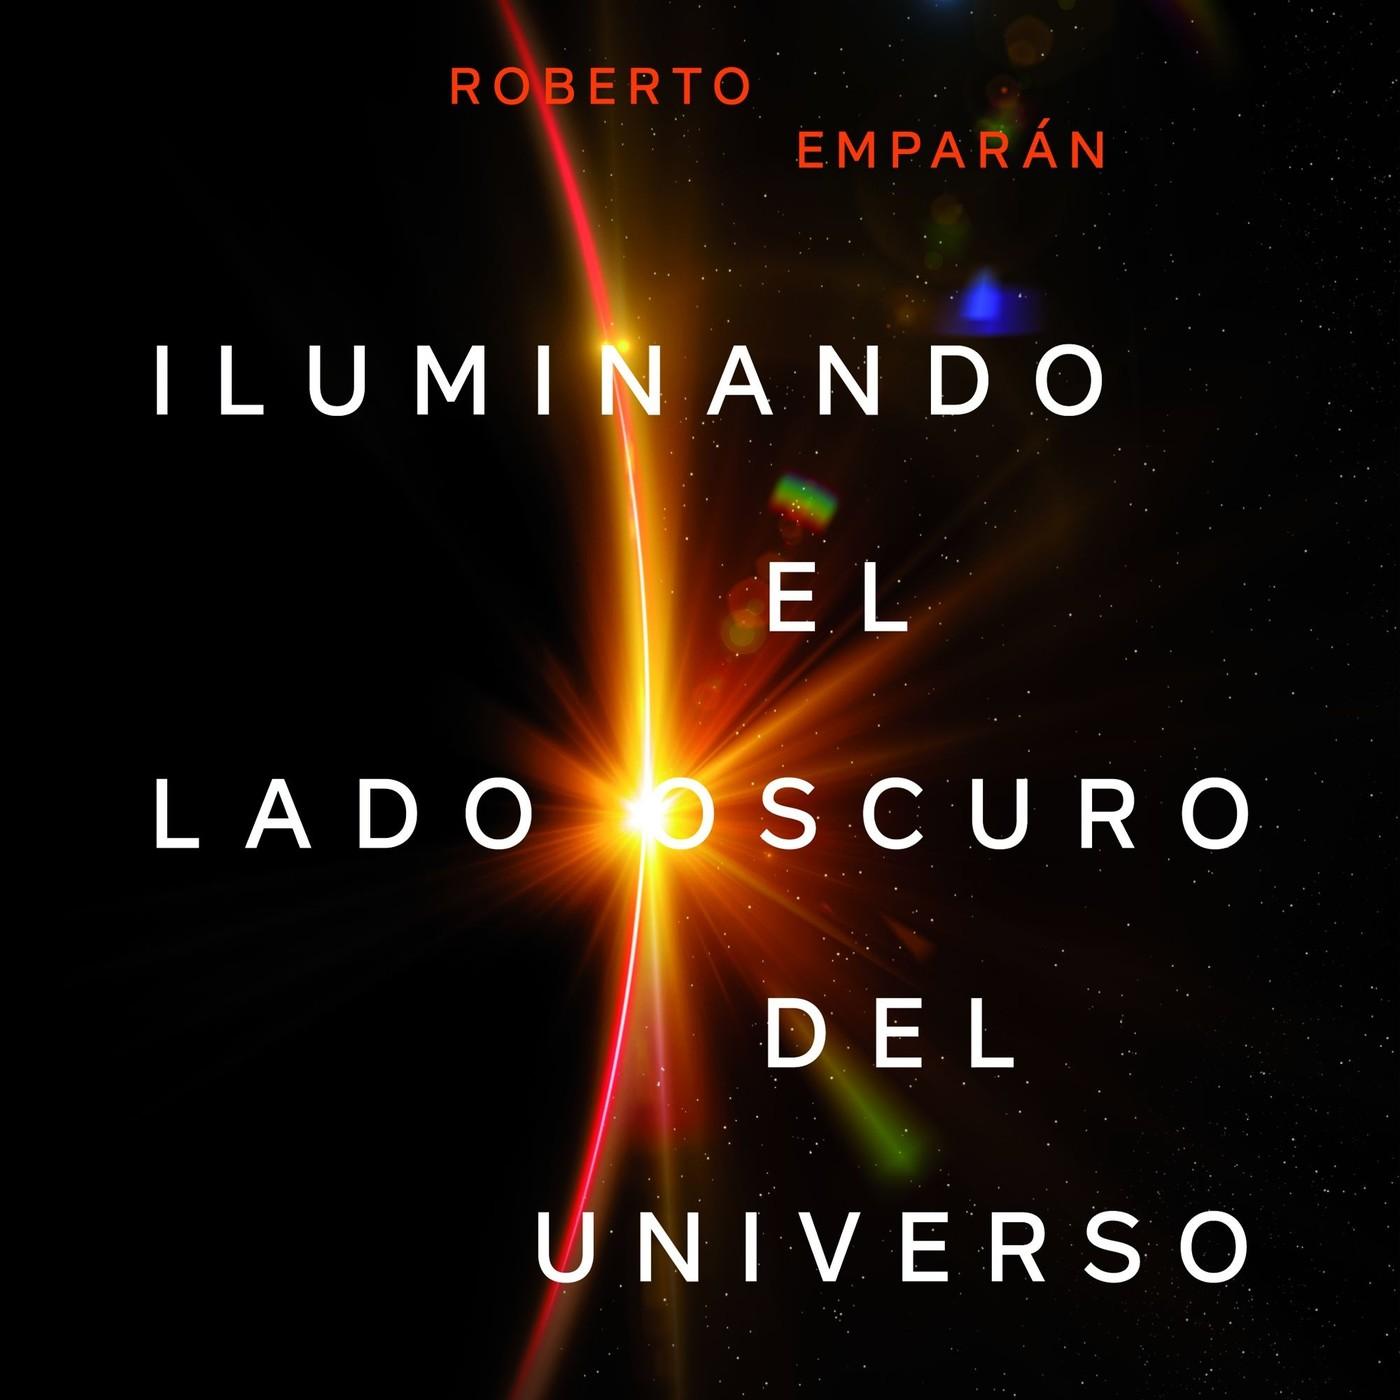 Iluminando el lado oscuro del universo. Ed. Ariel in QUÉDATE in mp3(05/03 a  las 12:11:55) 26:08 24213996 - iVoox